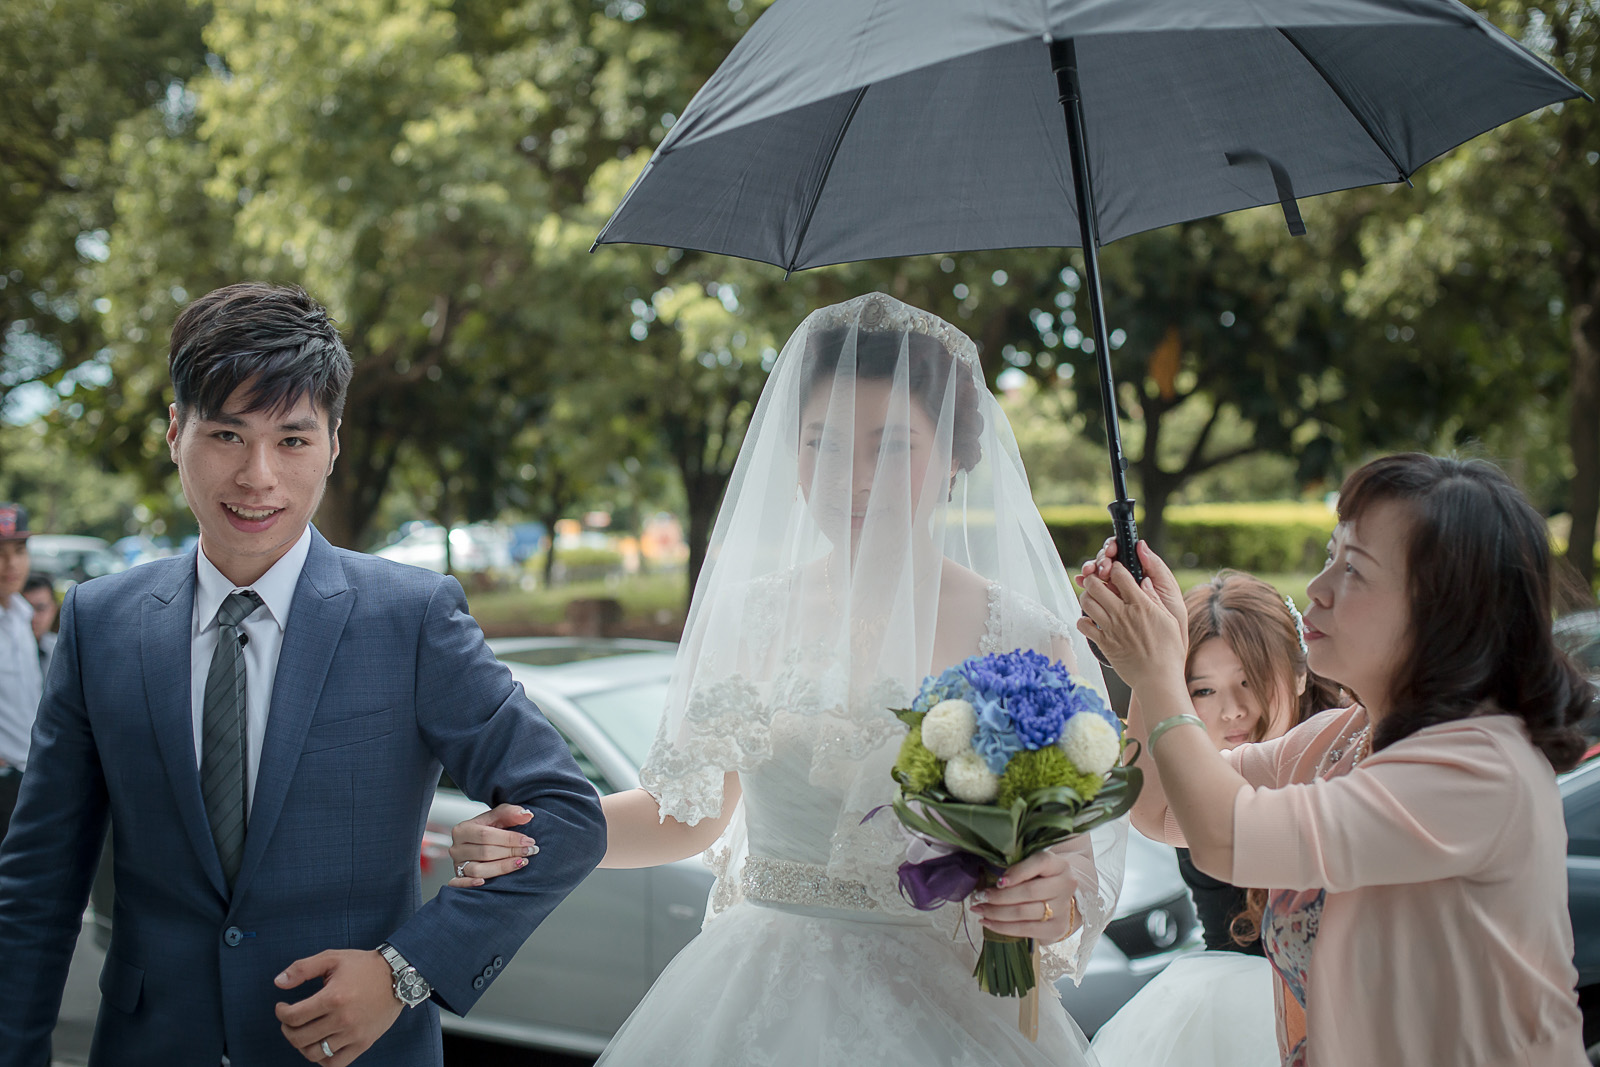 婚攝伊森,結婚迎娶,婚禮攝影,婚攝,桃園婚攝,優質婚攝推薦,Jen&Ethan,婚攝伊森